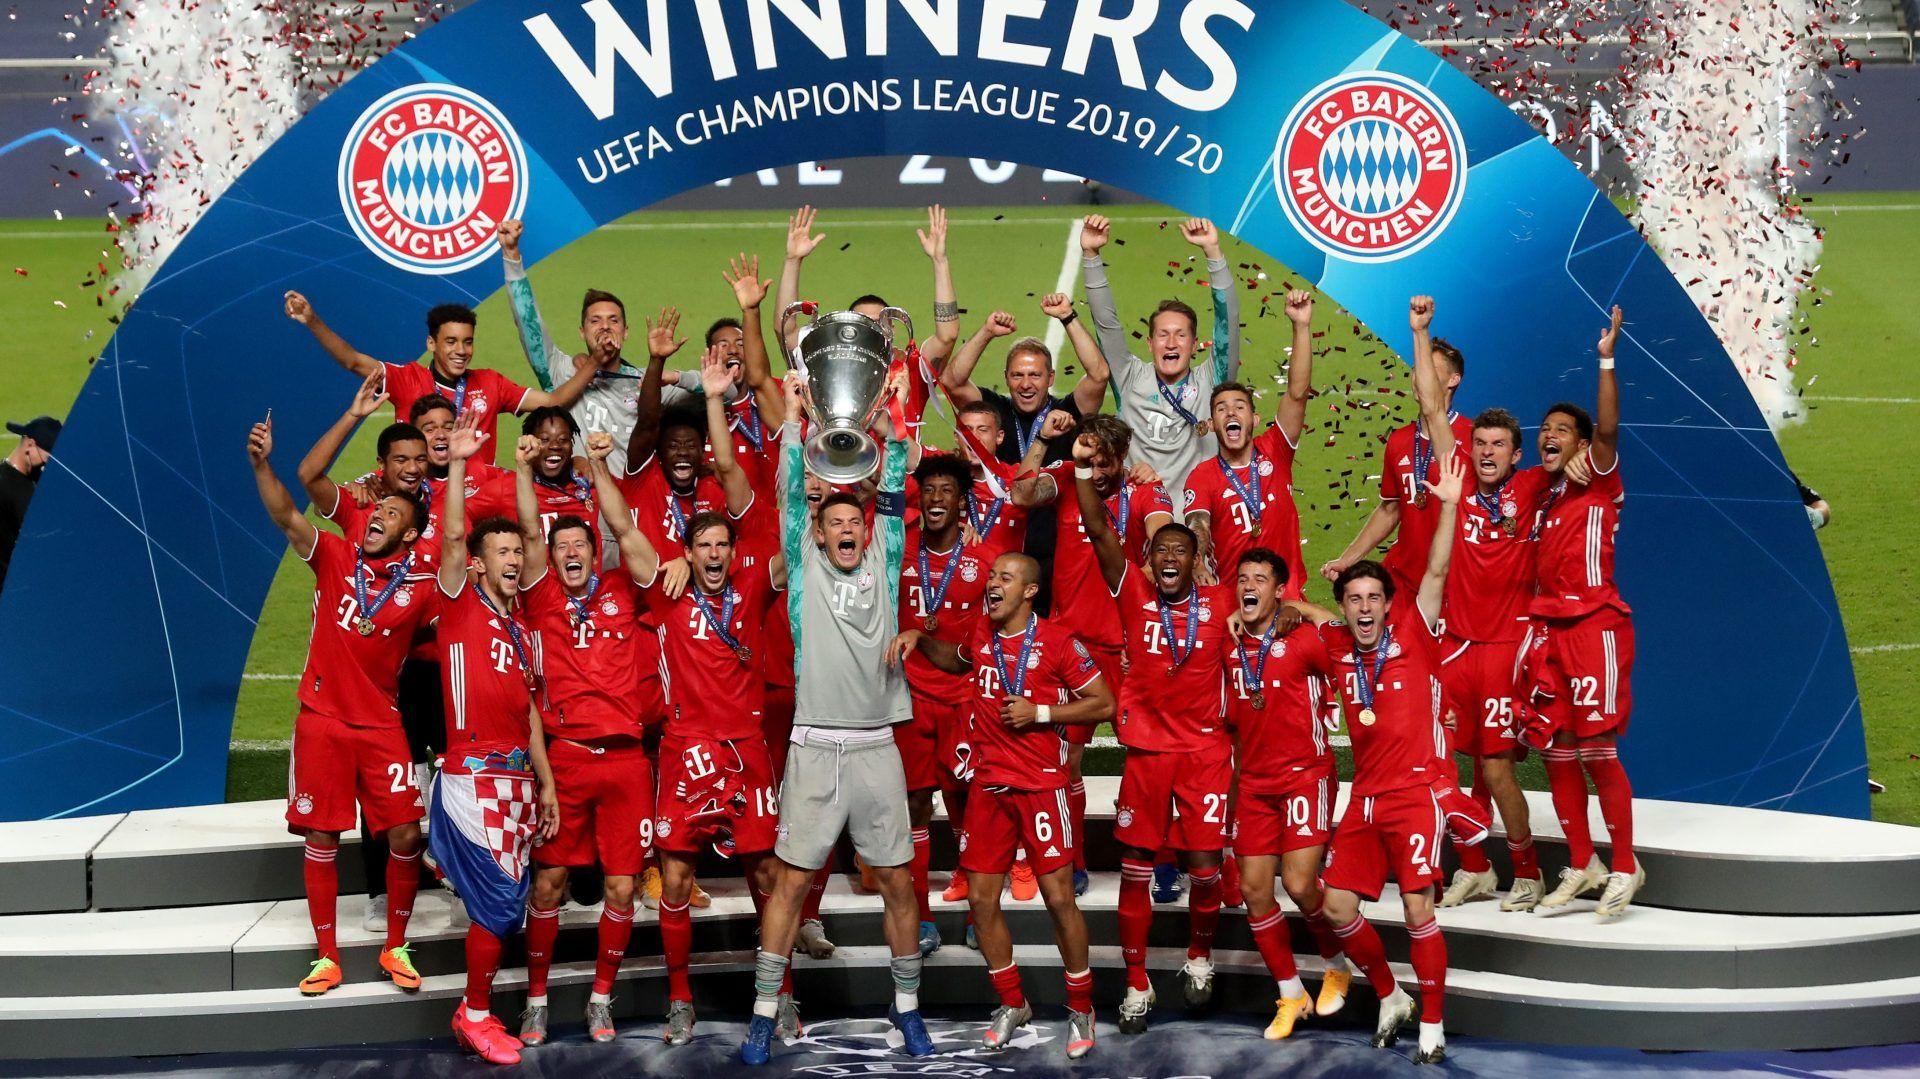 Bayern Munich là ĐKVĐ Champions League 2019/20